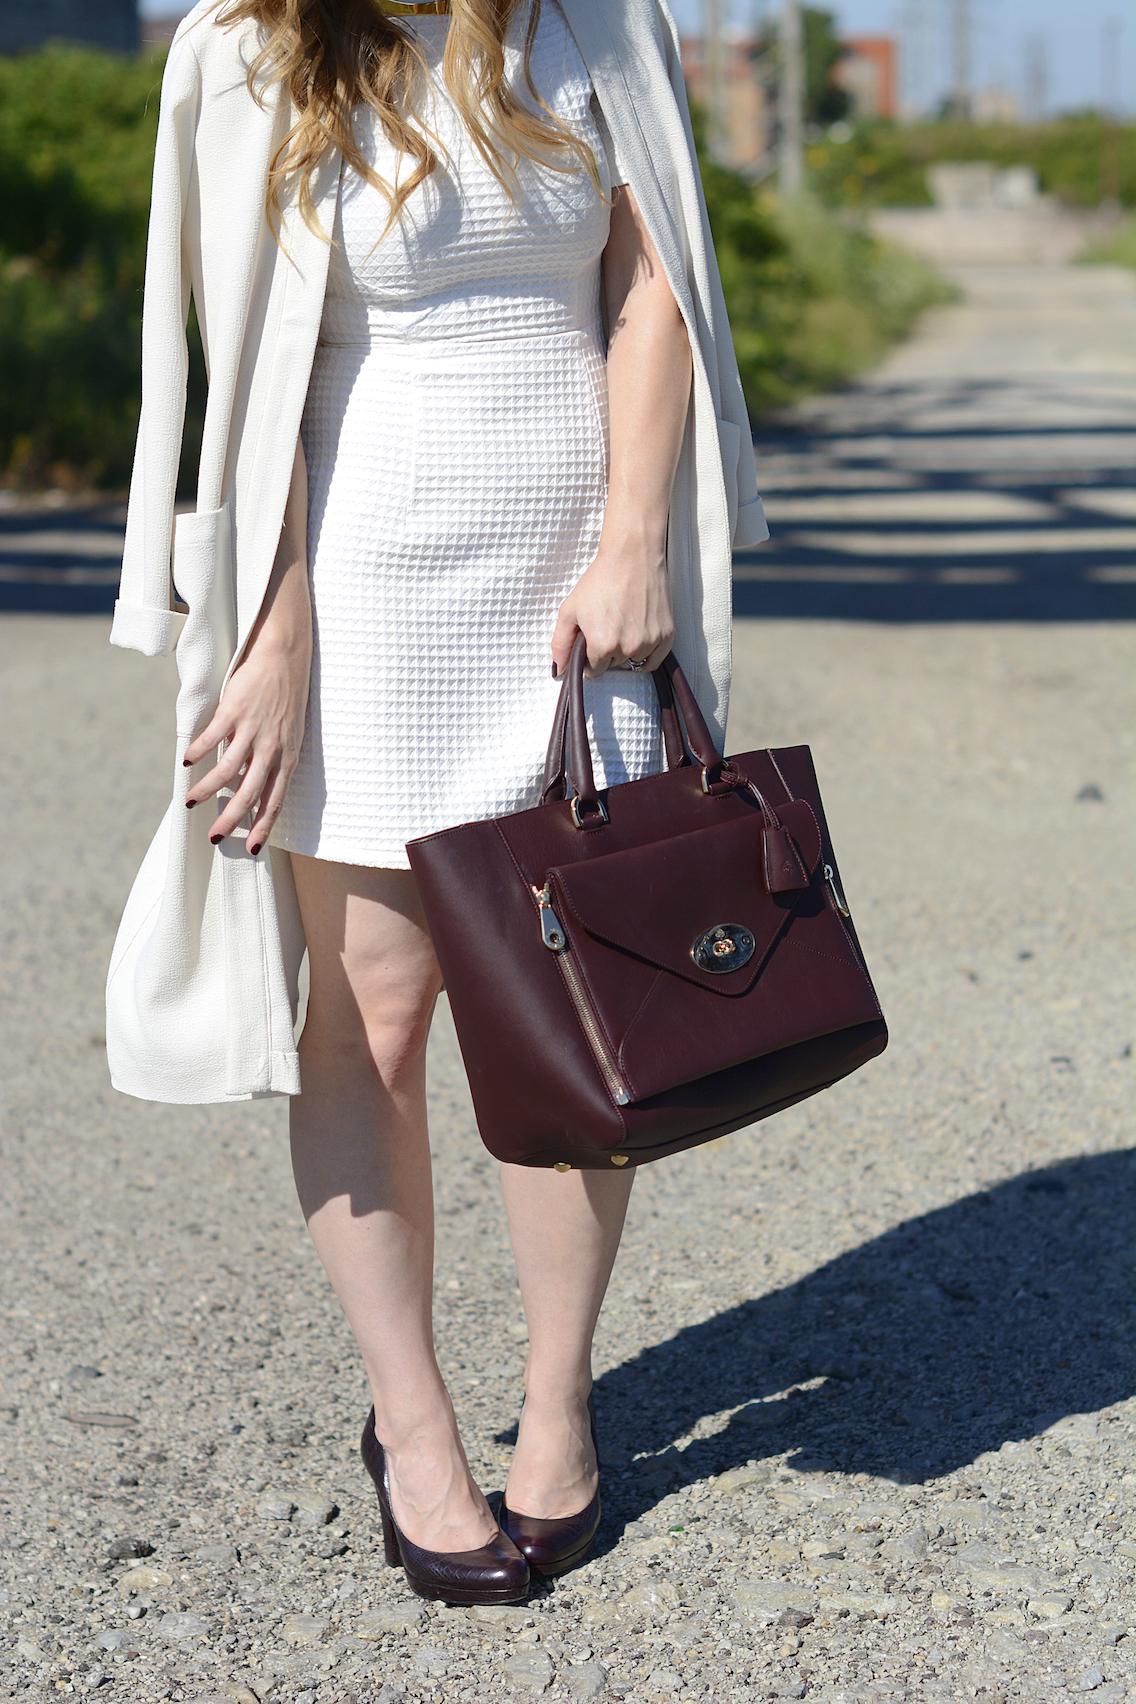 Asos H&M Mulberry LK Bennett Chanel 6